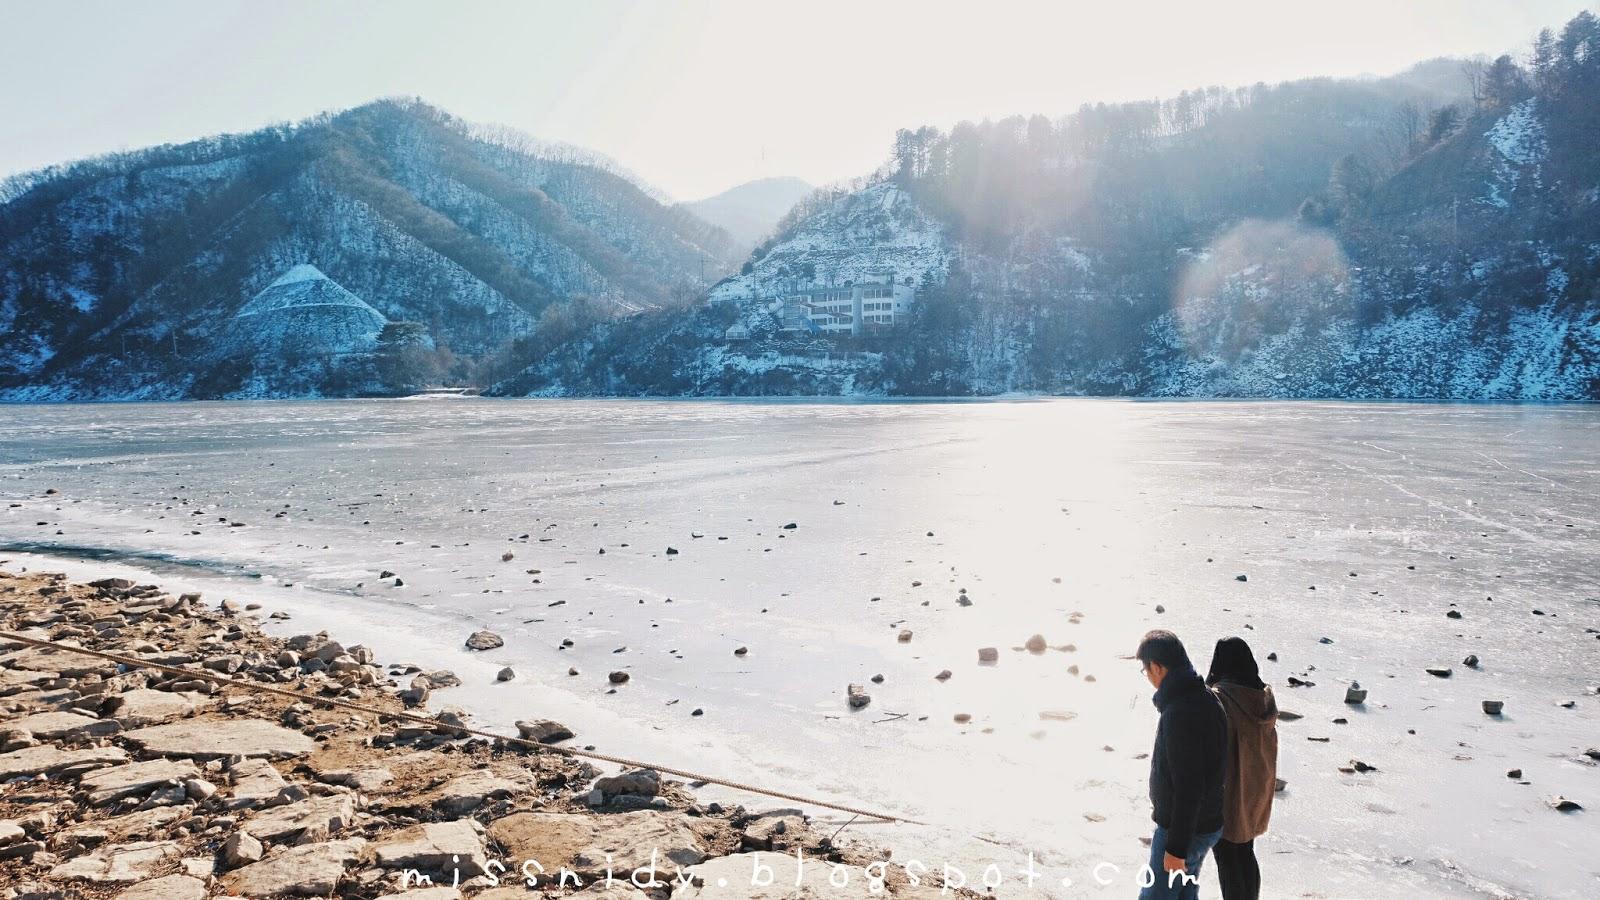 jalan-jalan ke korea selatan pas musim dingin